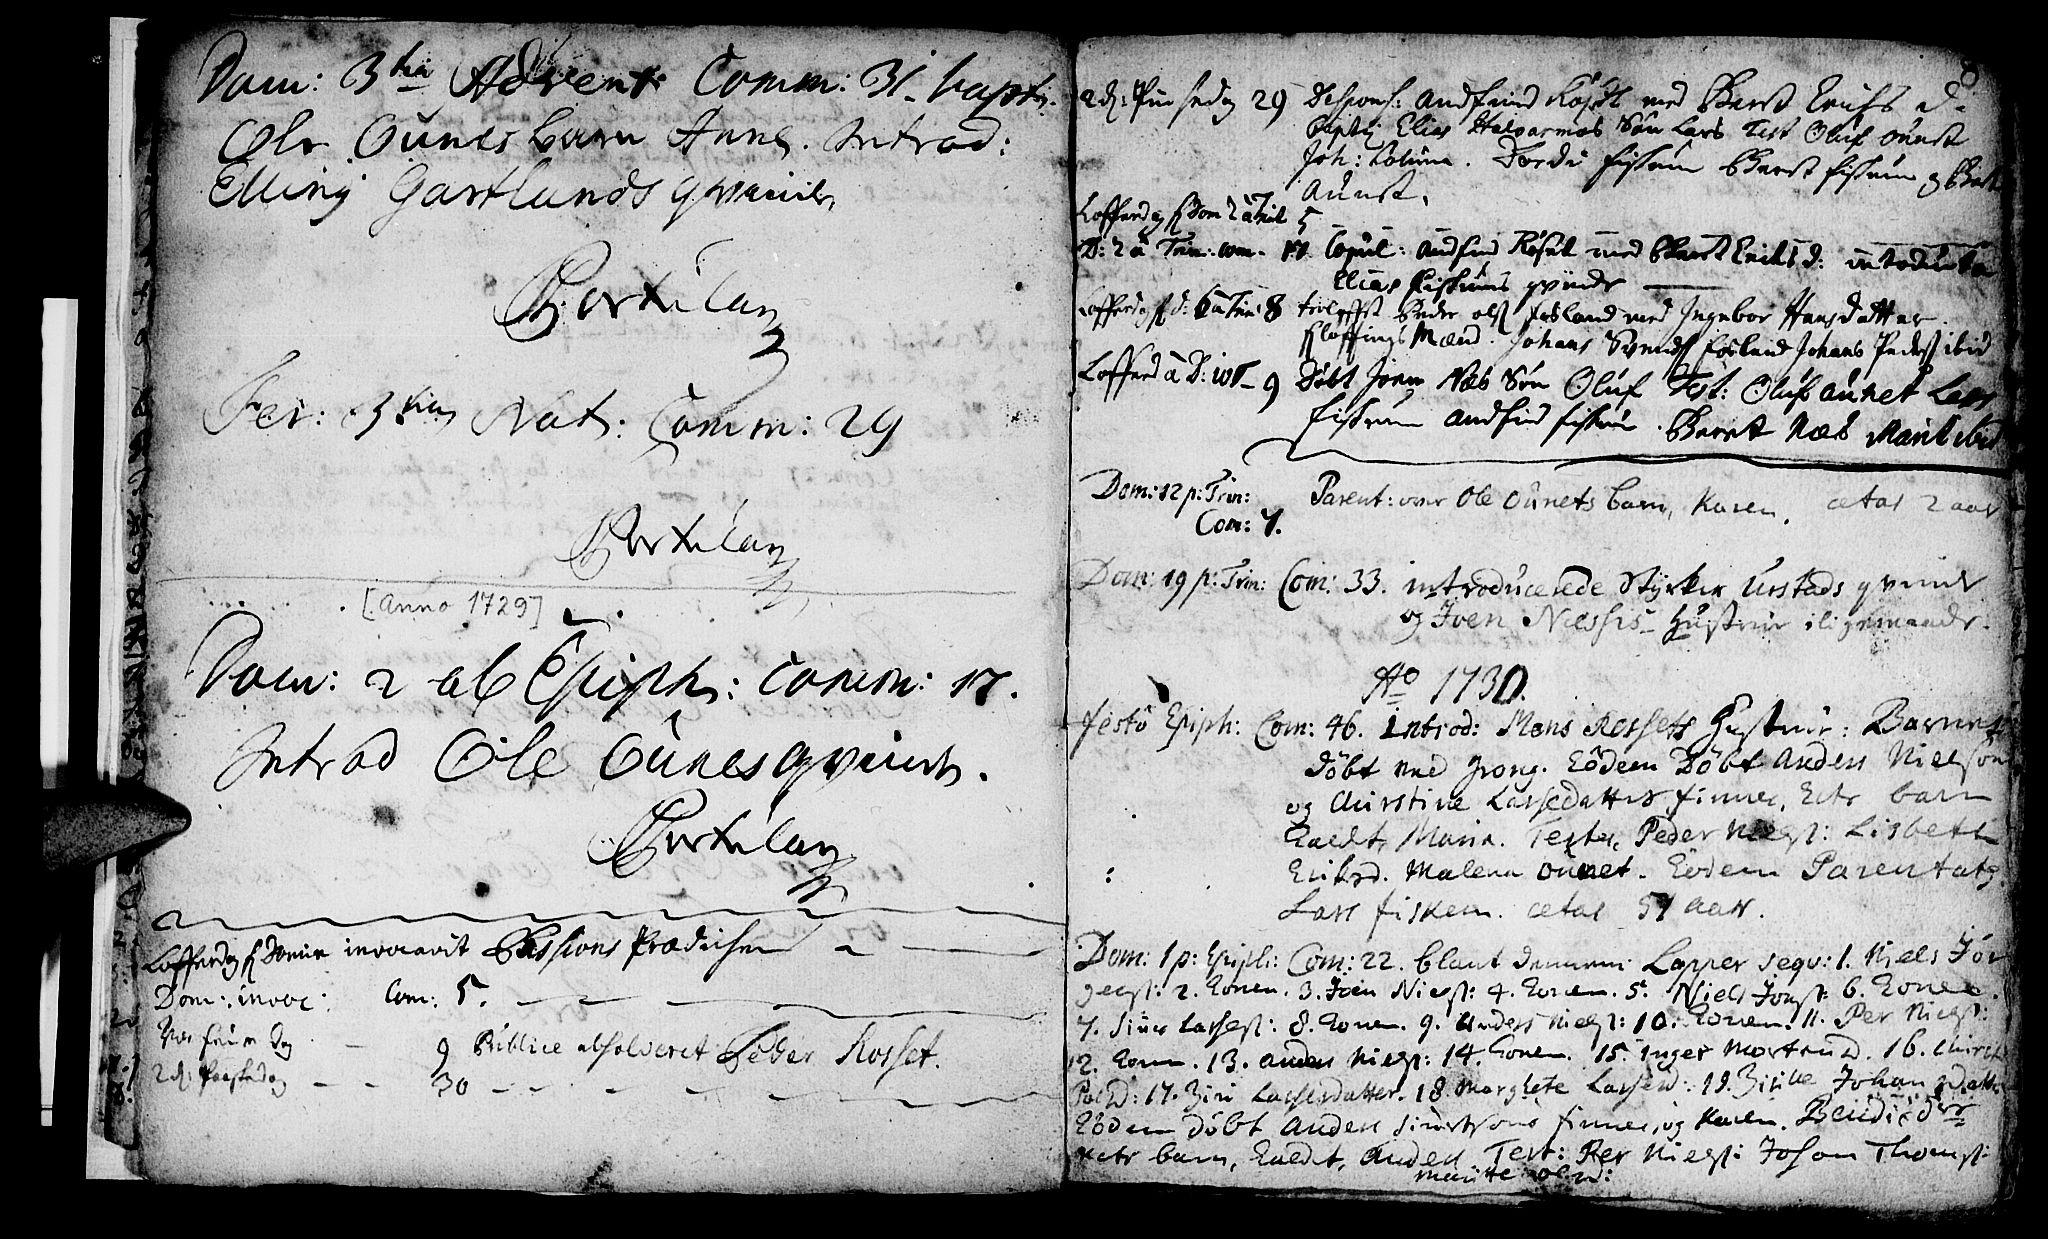 SAT, Ministerialprotokoller, klokkerbøker og fødselsregistre - Nord-Trøndelag, 759/L0525: Ministerialbok nr. 759A01, 1706-1748, s. 8